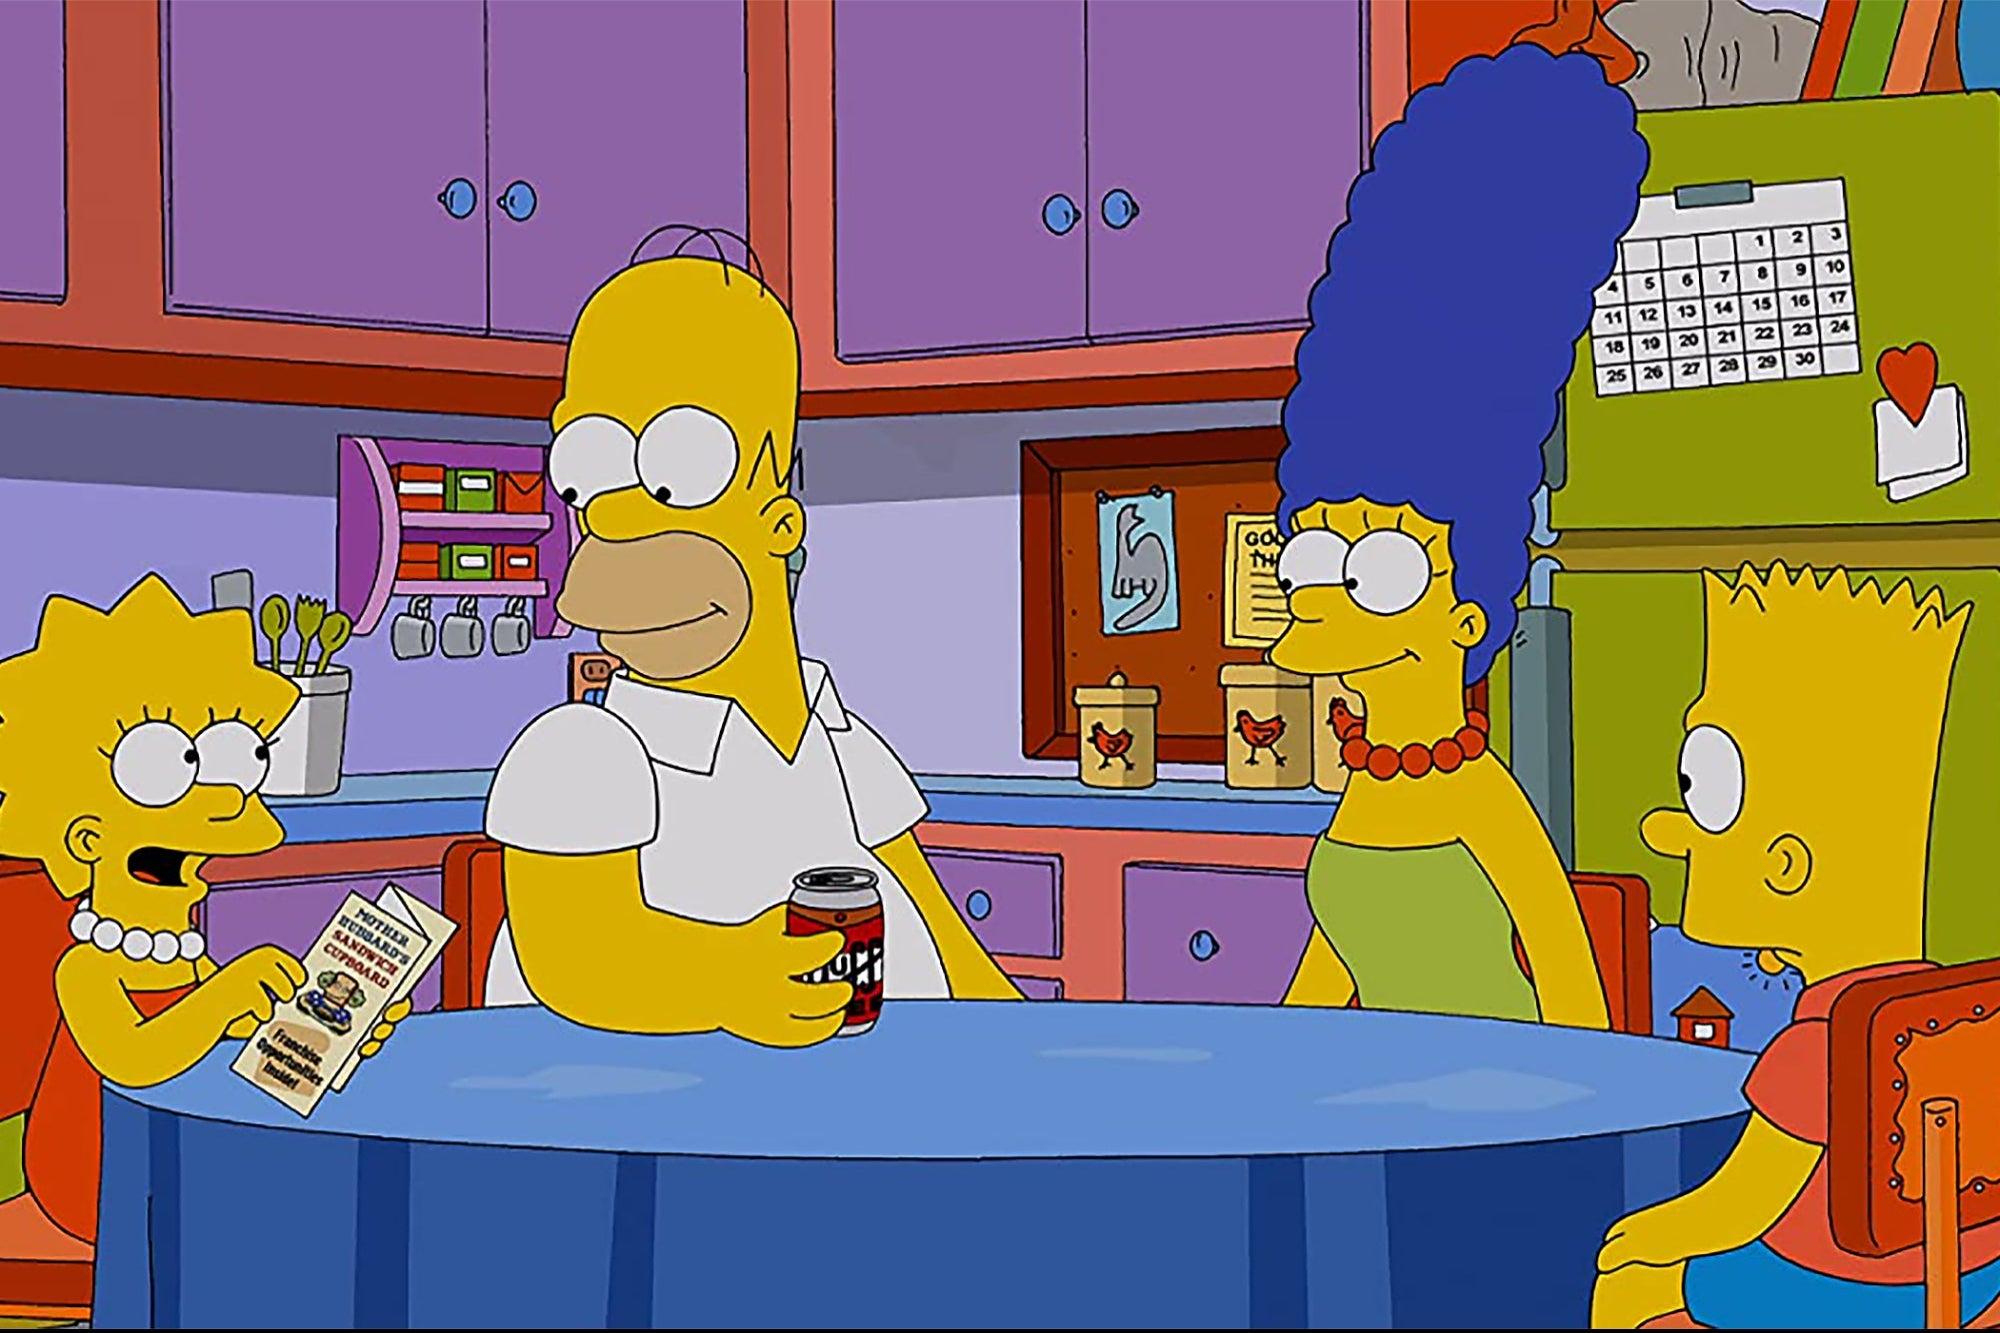 Todo lo que sé sobre nombres de marcas lo aprendí de 'Los Simpson'